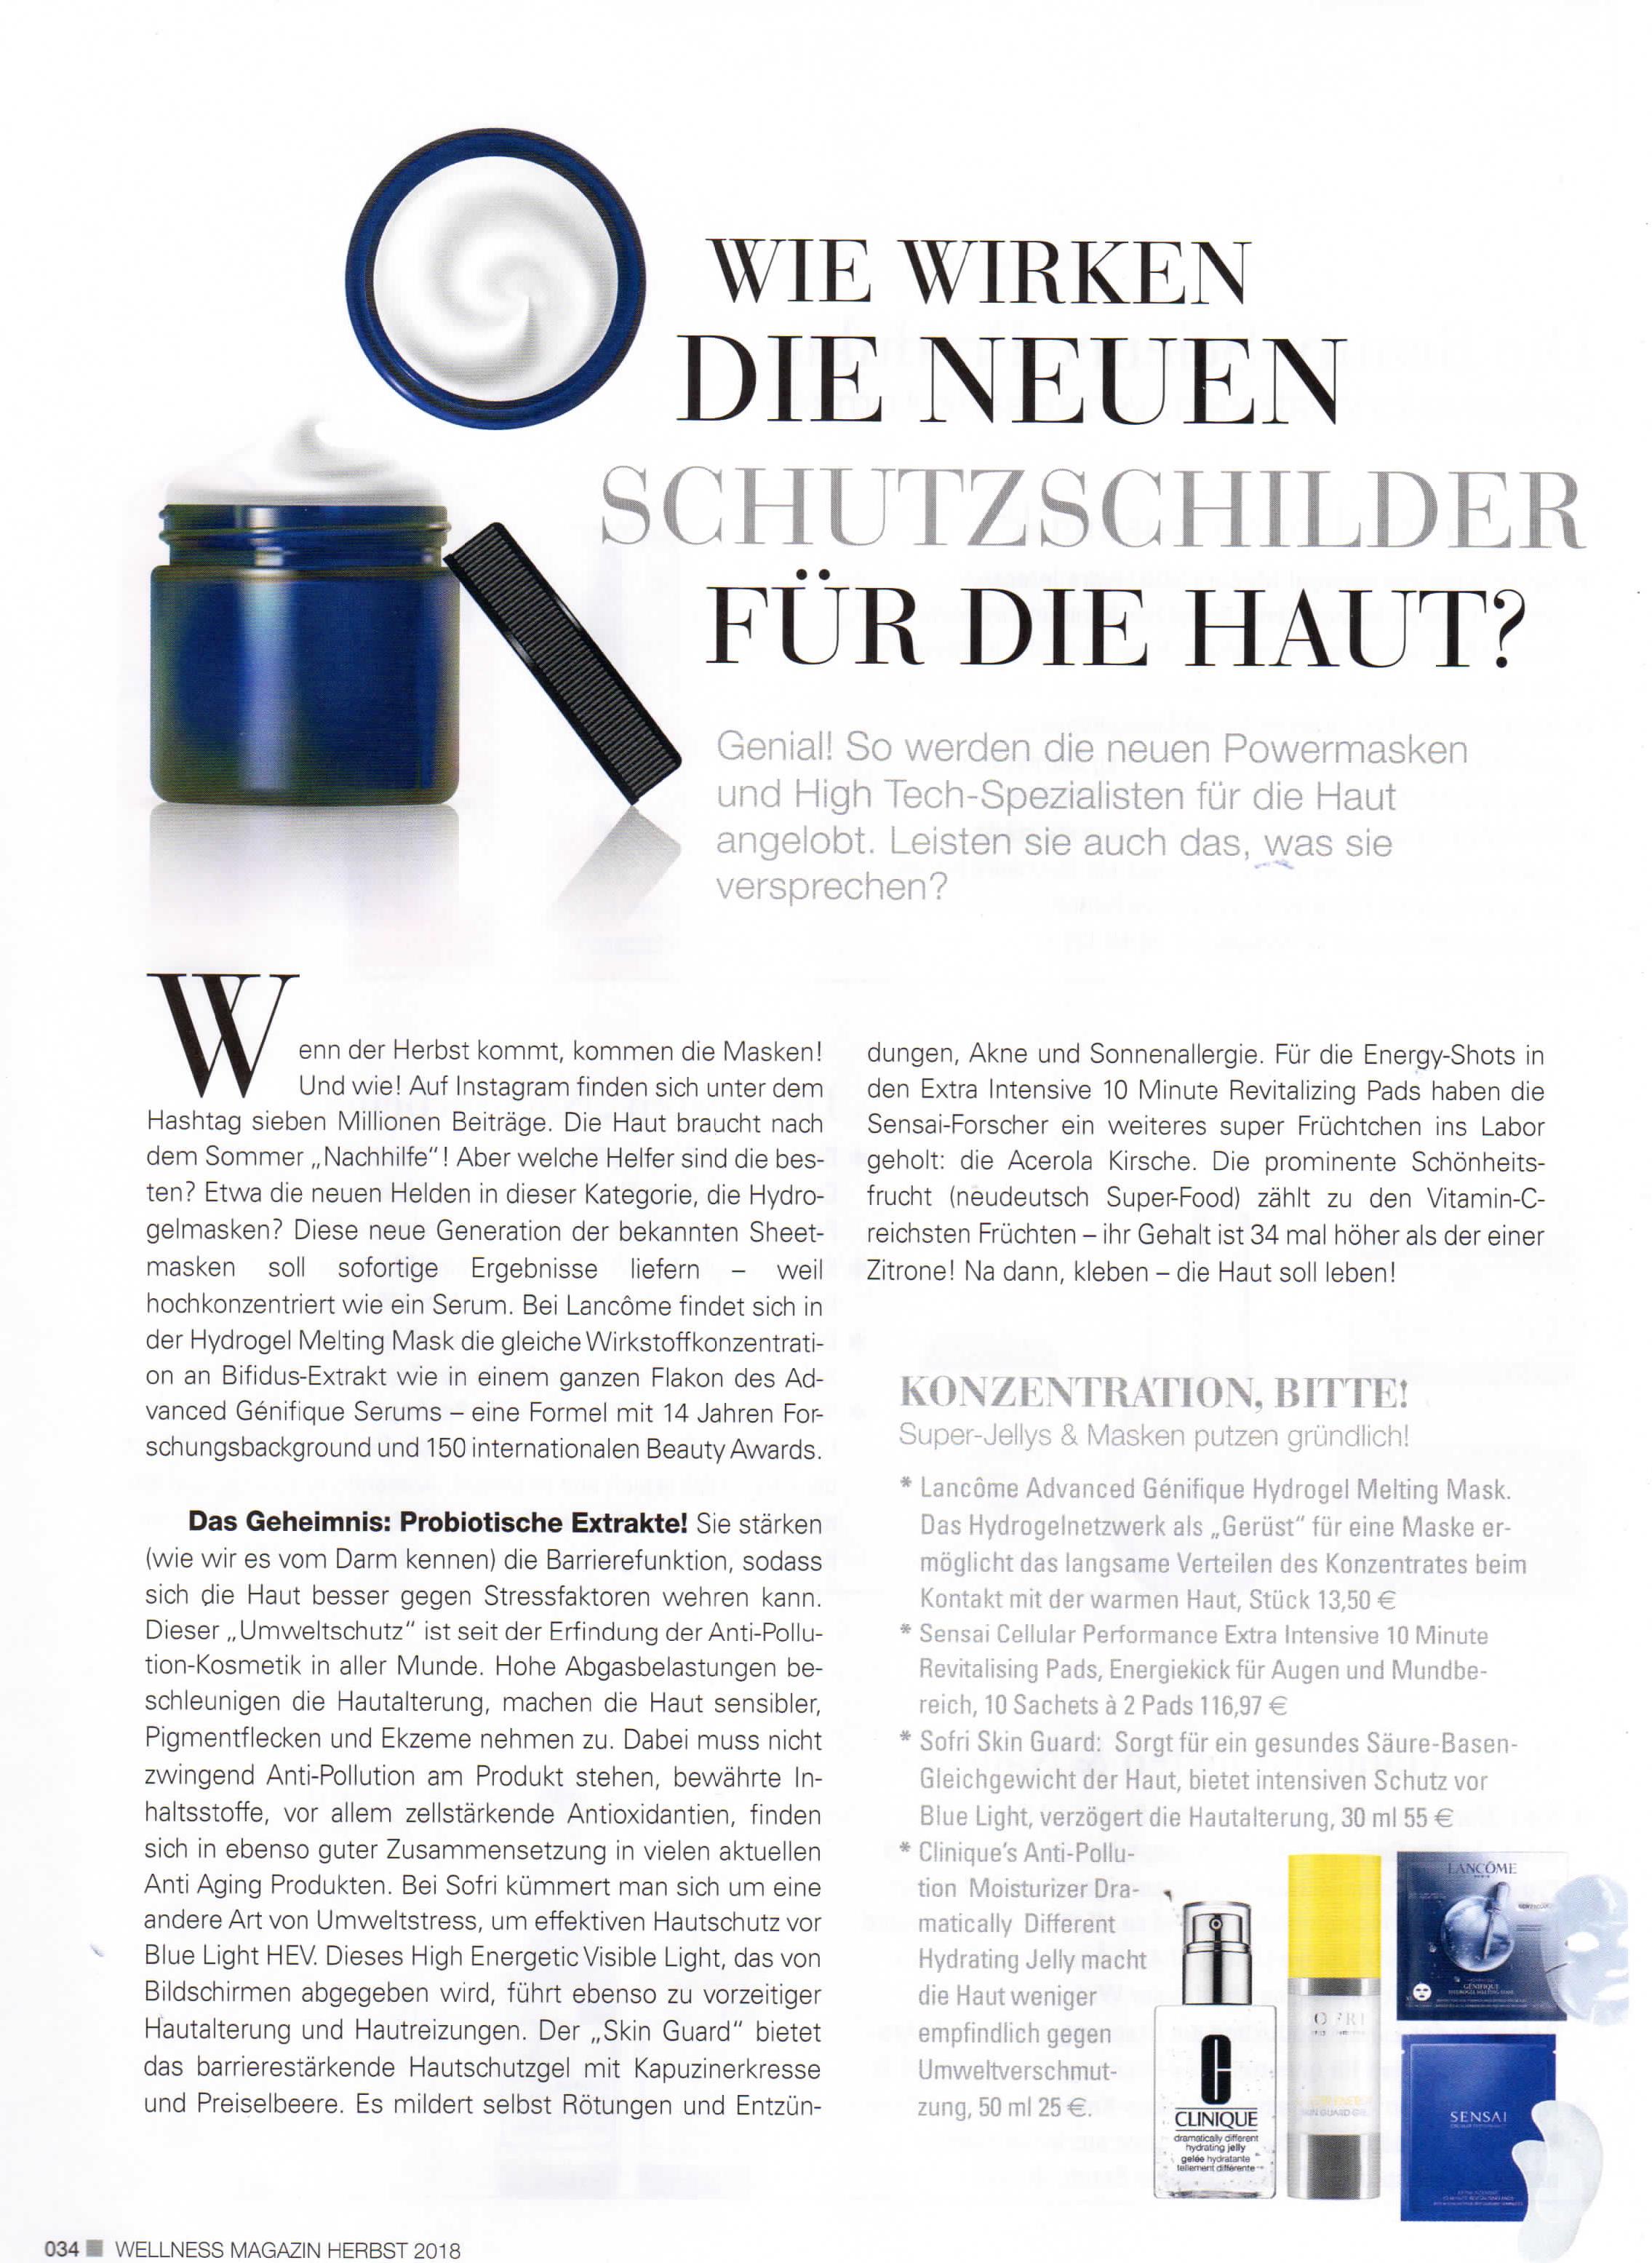 Schutzschilder für die Haut, Wellness Magazin im Oktober 2018